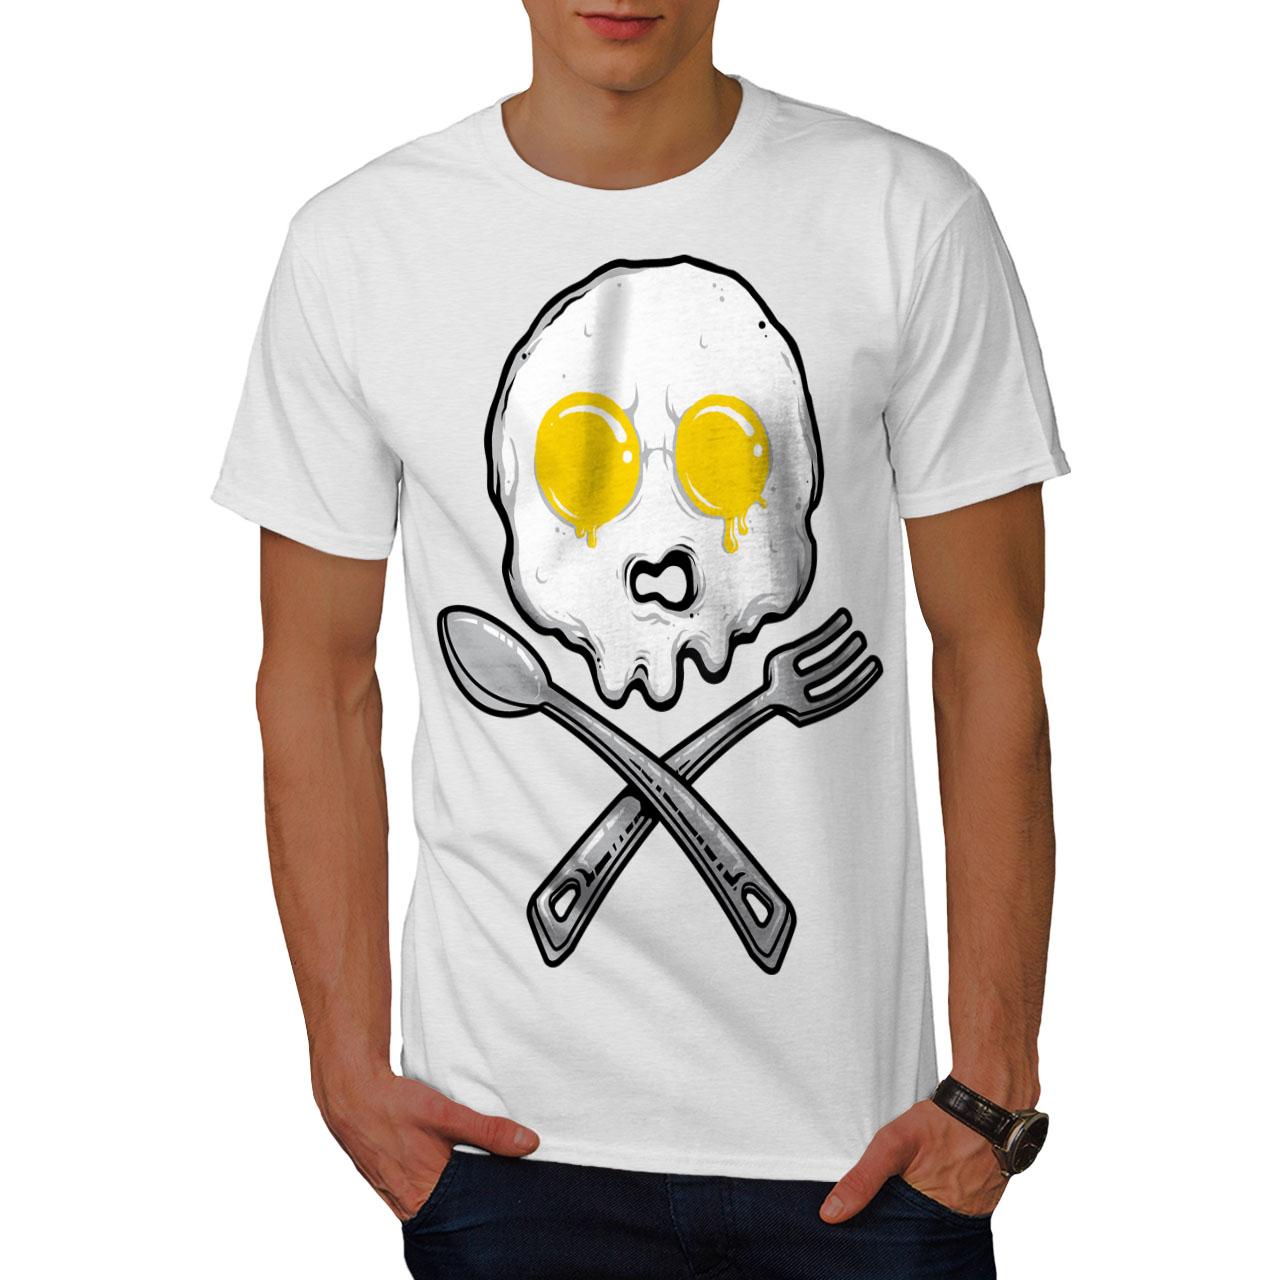 Wellcoda Oeuf Crâne Drôle Blague T-shirt Homme, Cuites Au Four De Conception Graphique Imprimé Tee-afficher Le Titre D'origine Service Durable